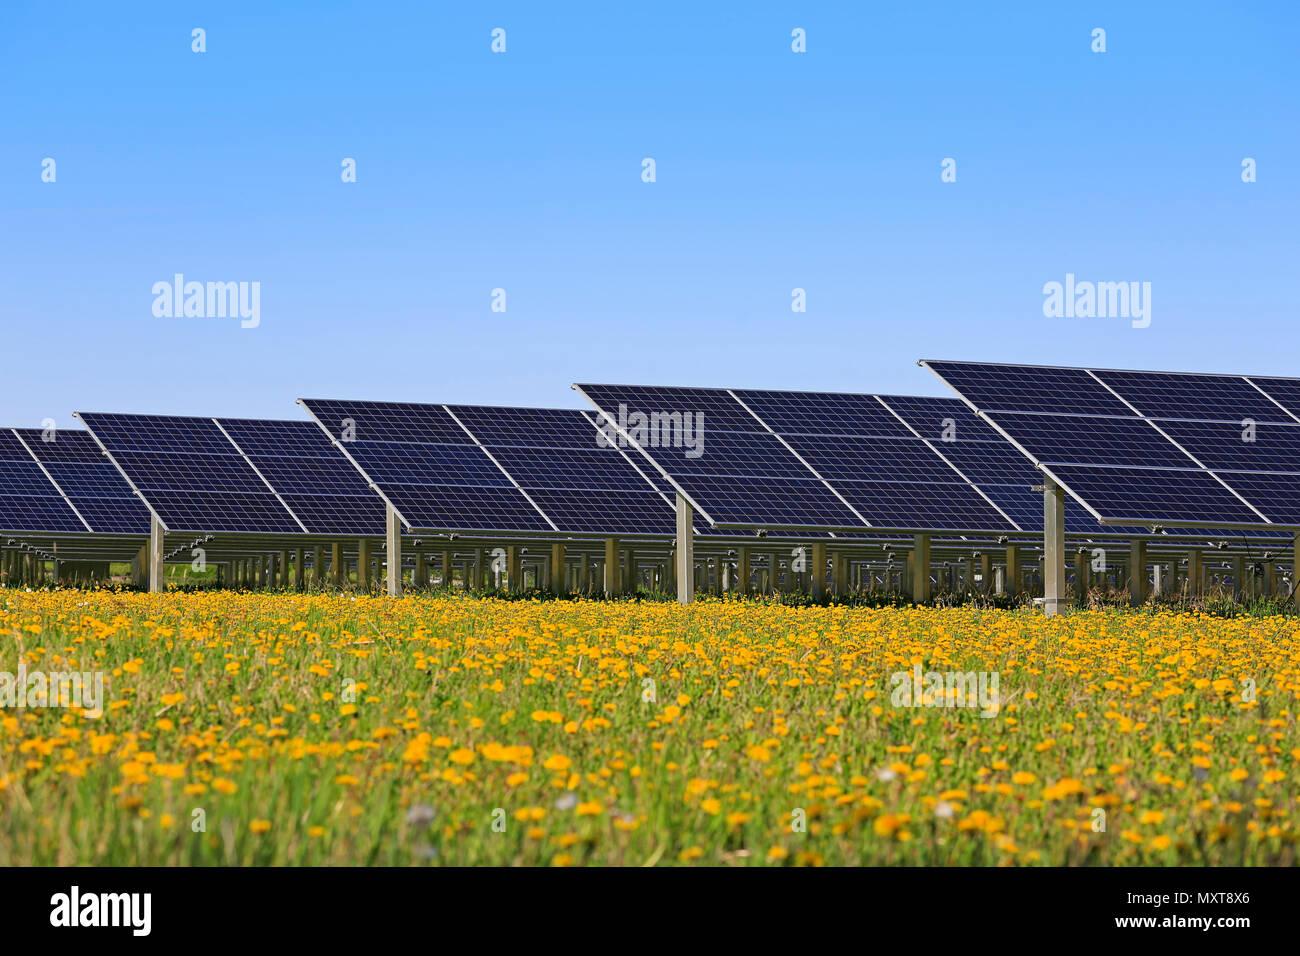 Des panneaux solaires sur un terrain vert avec des fleurs jaunes et bleu ciel au printemps. Photo Stock